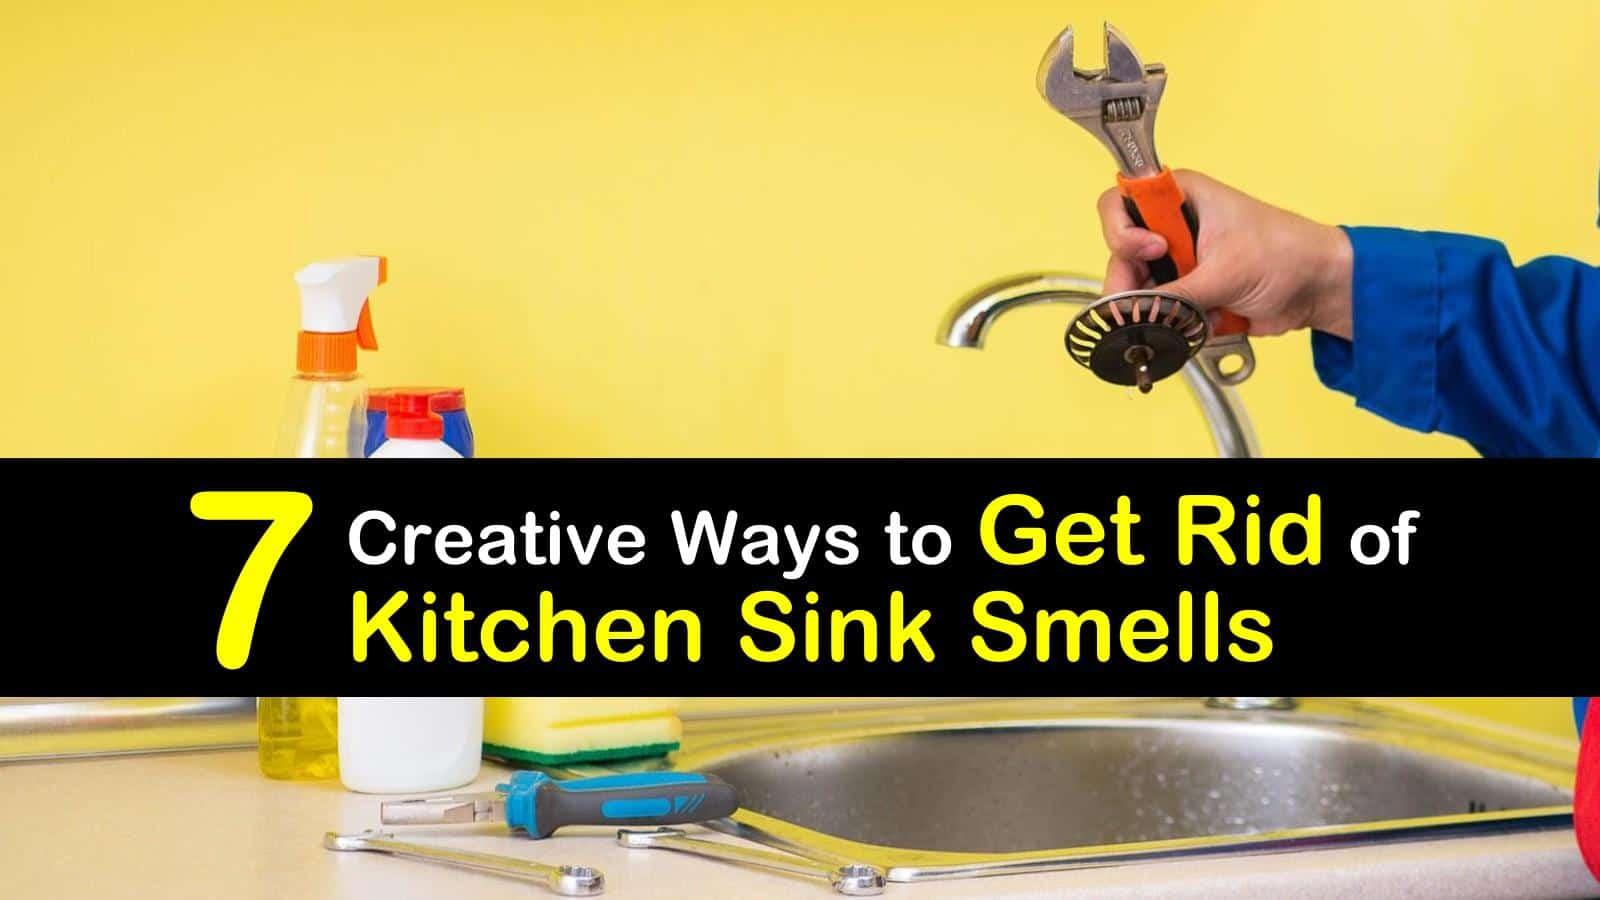 7 Creative Ways To Get Rid Of Kitchen Sink Smells